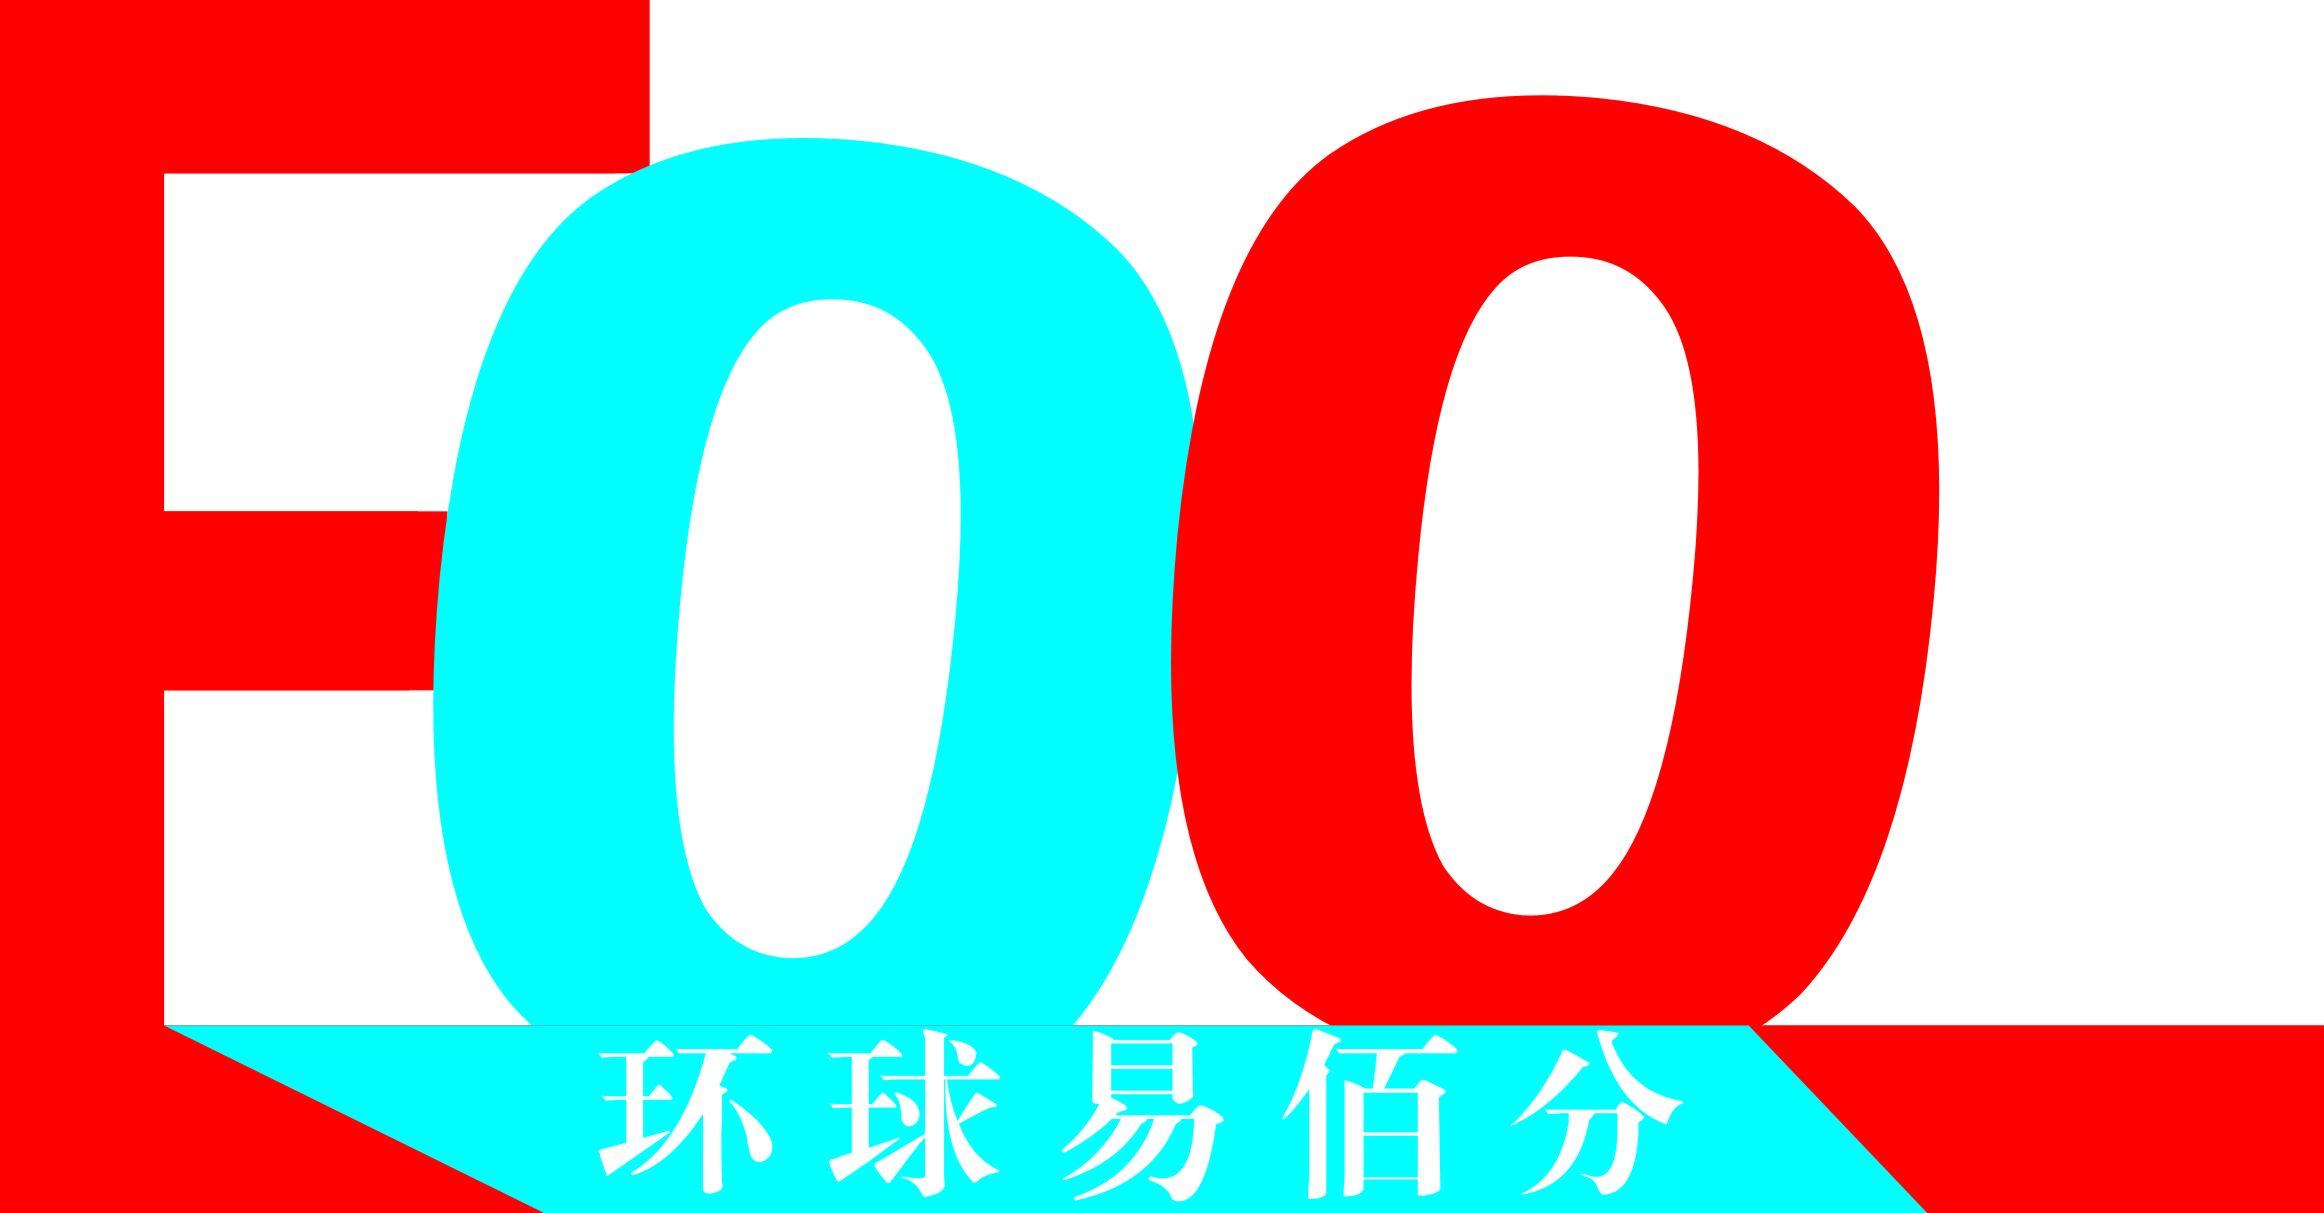 v老师老师全职班主任高中2007学籍号高中四川毕业图片